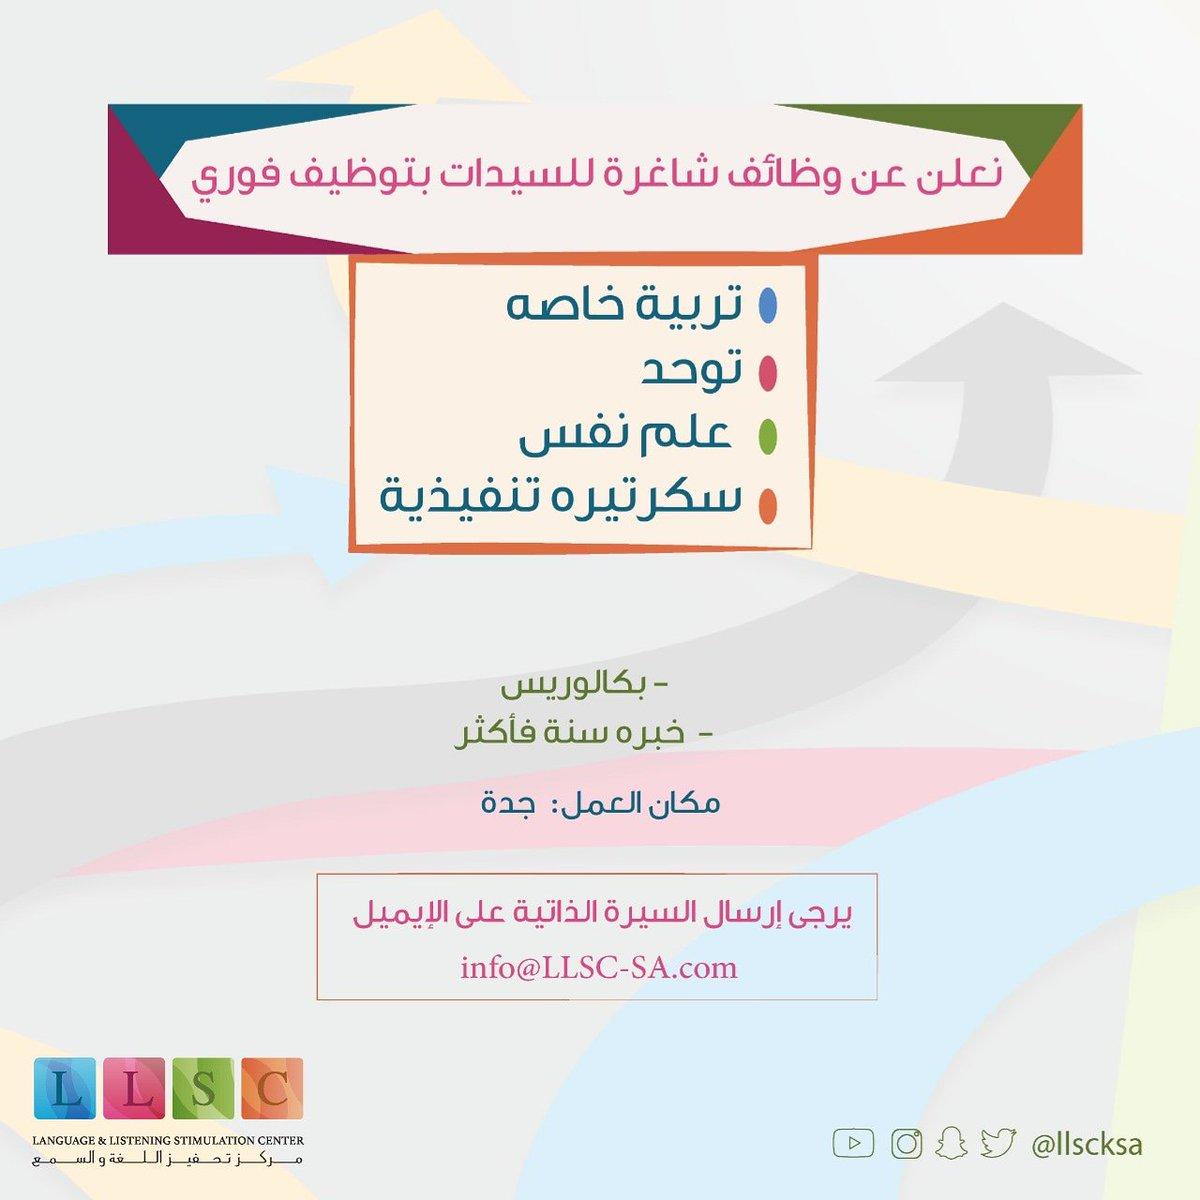 وظائف للسيدات بمركز تحفيز اللغة و السمع ب #جدة     #وظائف_نسائية #وظائف_جدة #جدة_الأن @LLSCksa